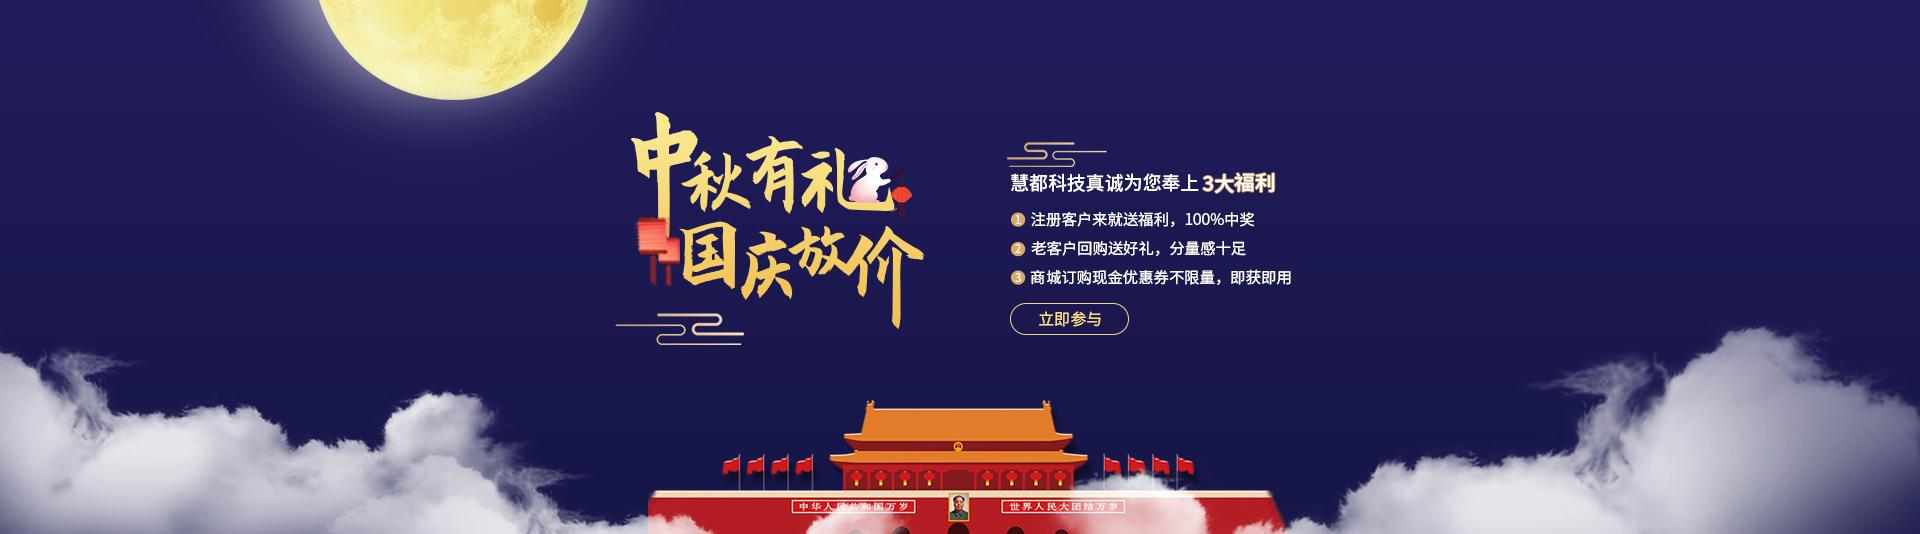 中秋有礼国庆放价 2019慧都科技与您携手共庆佳节!